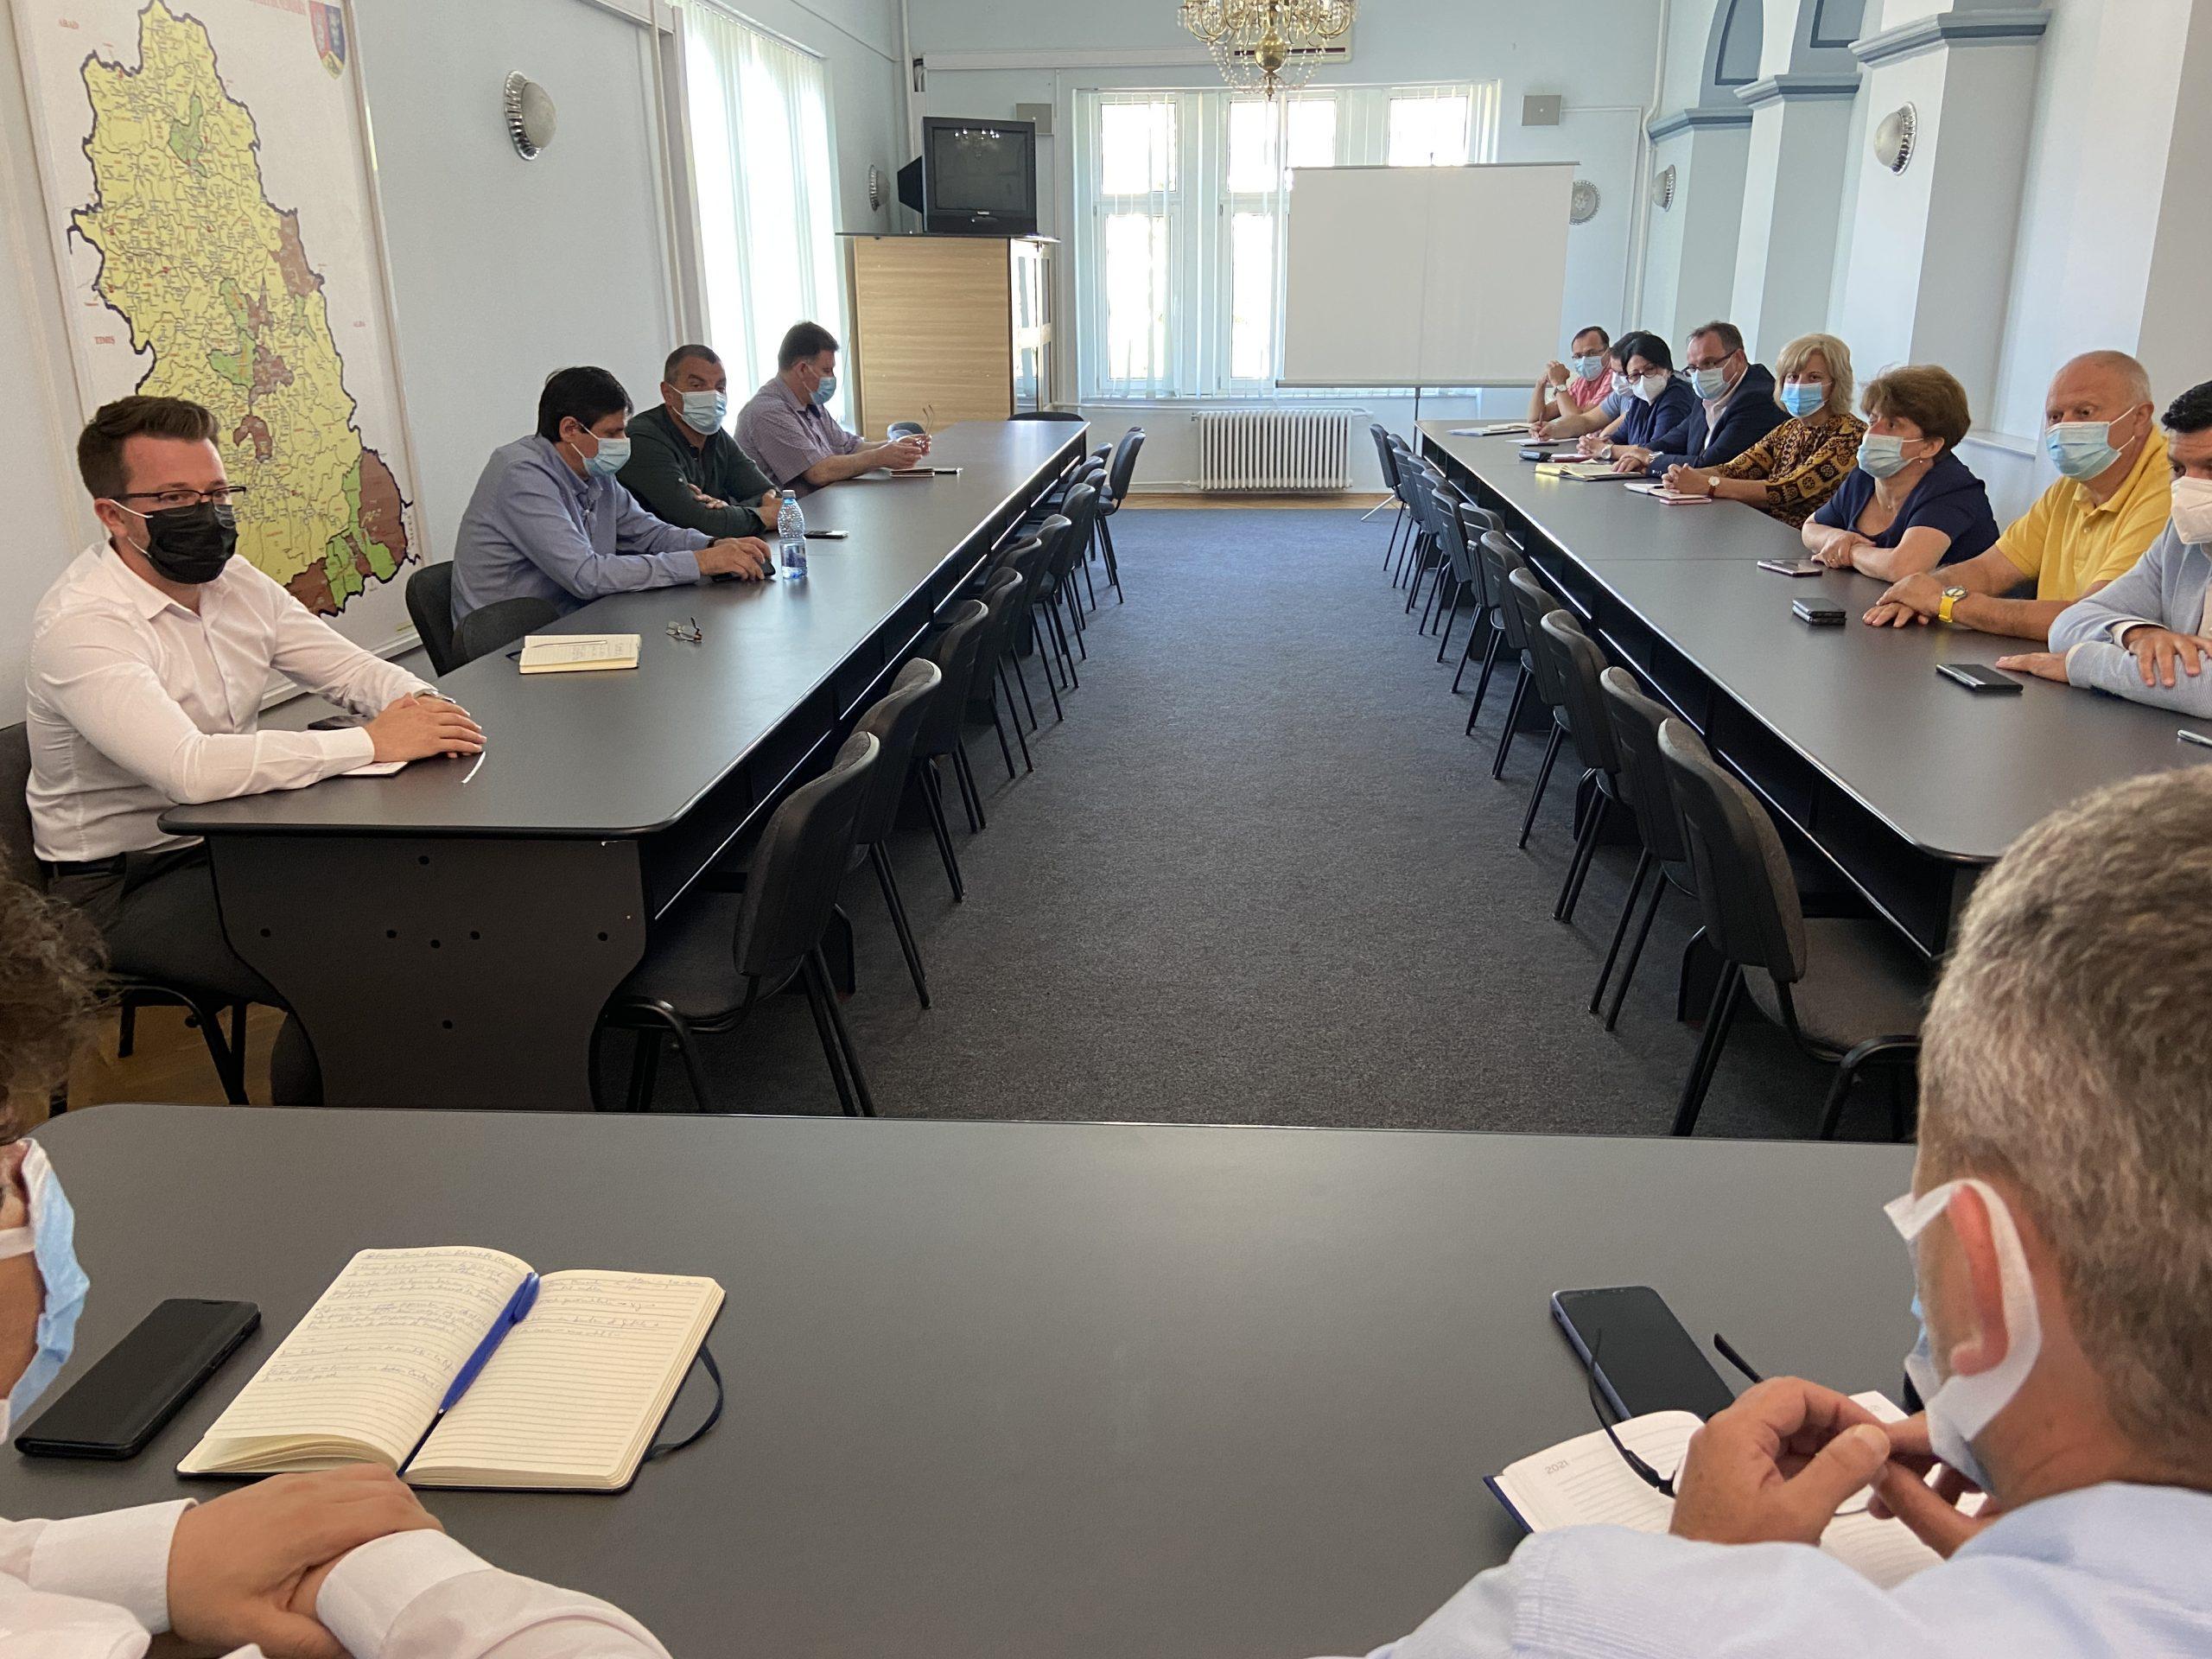 Întâlnire a prefectului cu managerii unităților spitalicești, pentru pregătirea spitalelor pentru valul 4 al pandemiei